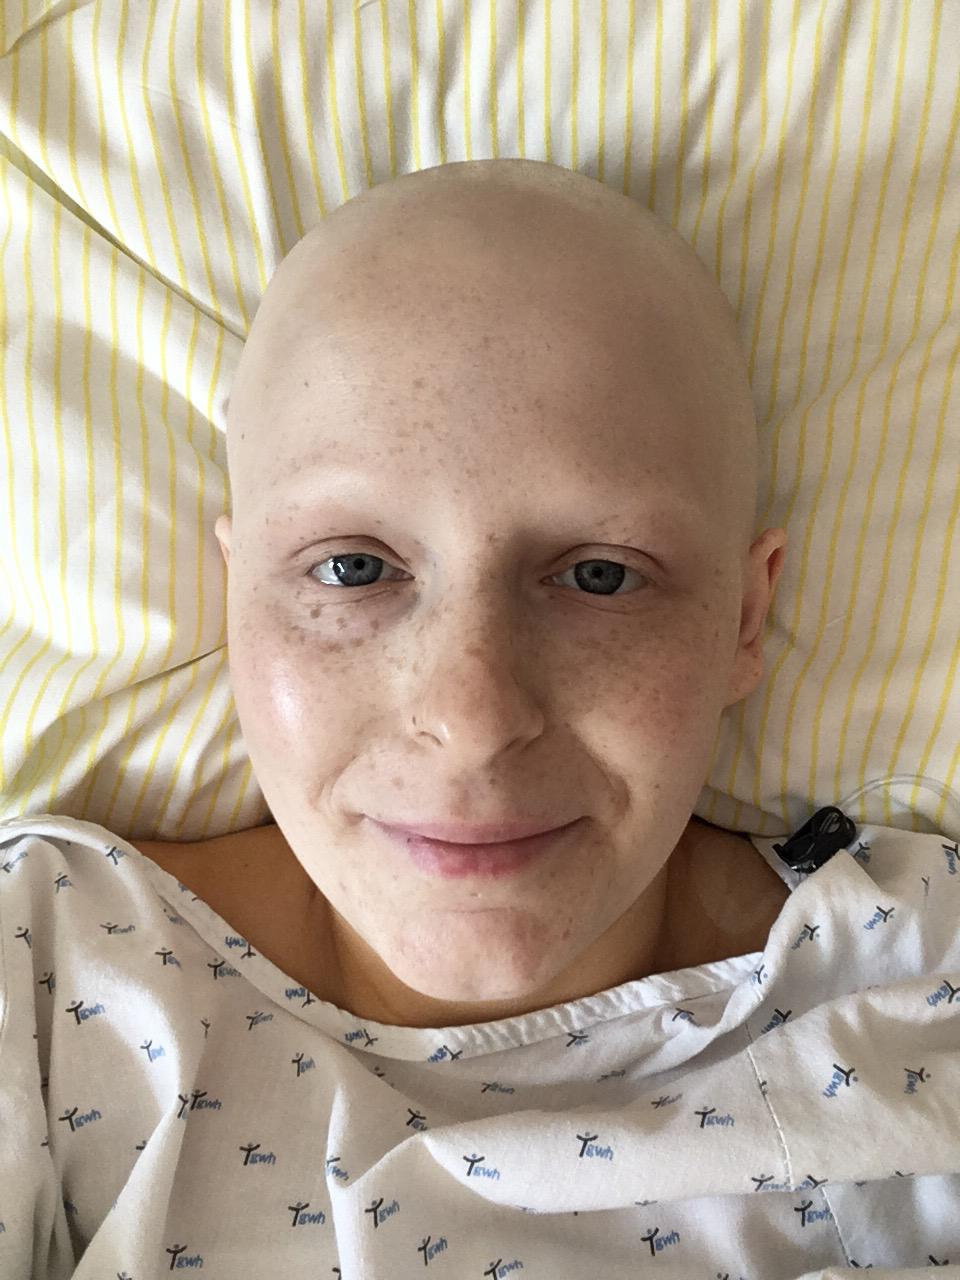 Mandy dokumentiert ihre Therapie